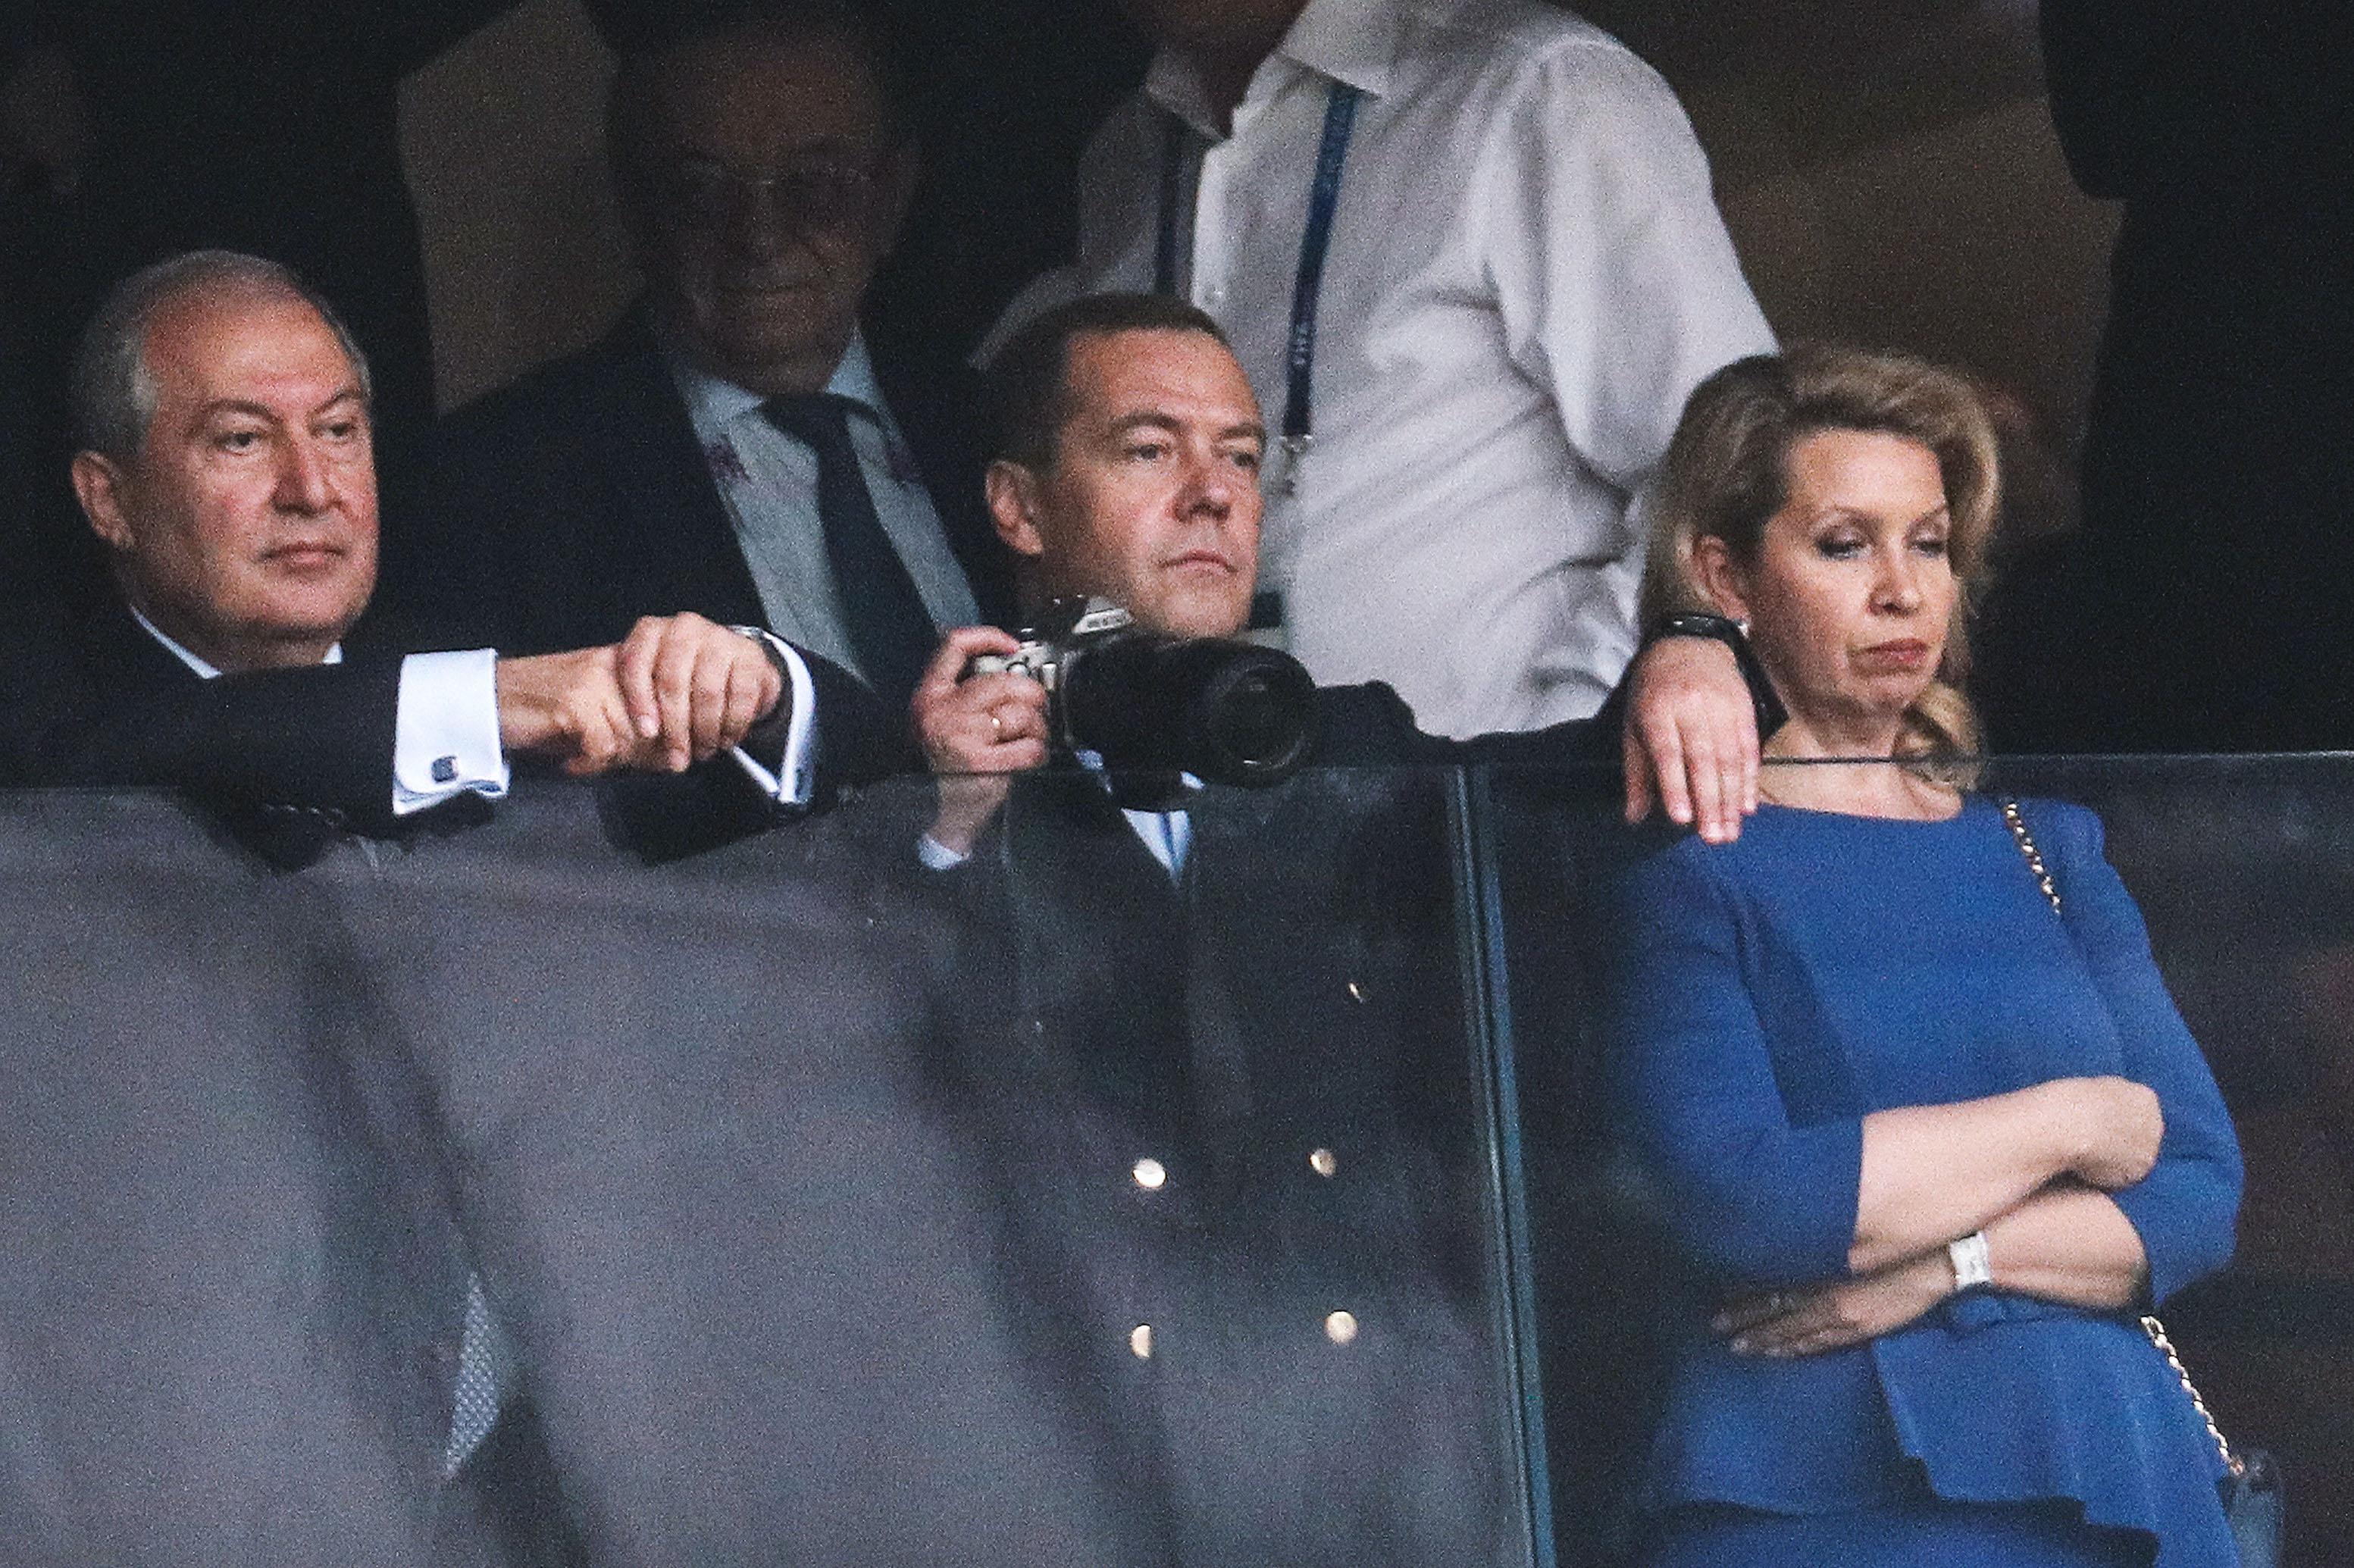 Президент Армении Армен Саркисян, премьер-министр РФ Дмитрий Медведев иего супруга Светлана (слева направо) нафинальном матче между командами Франции иХорватии